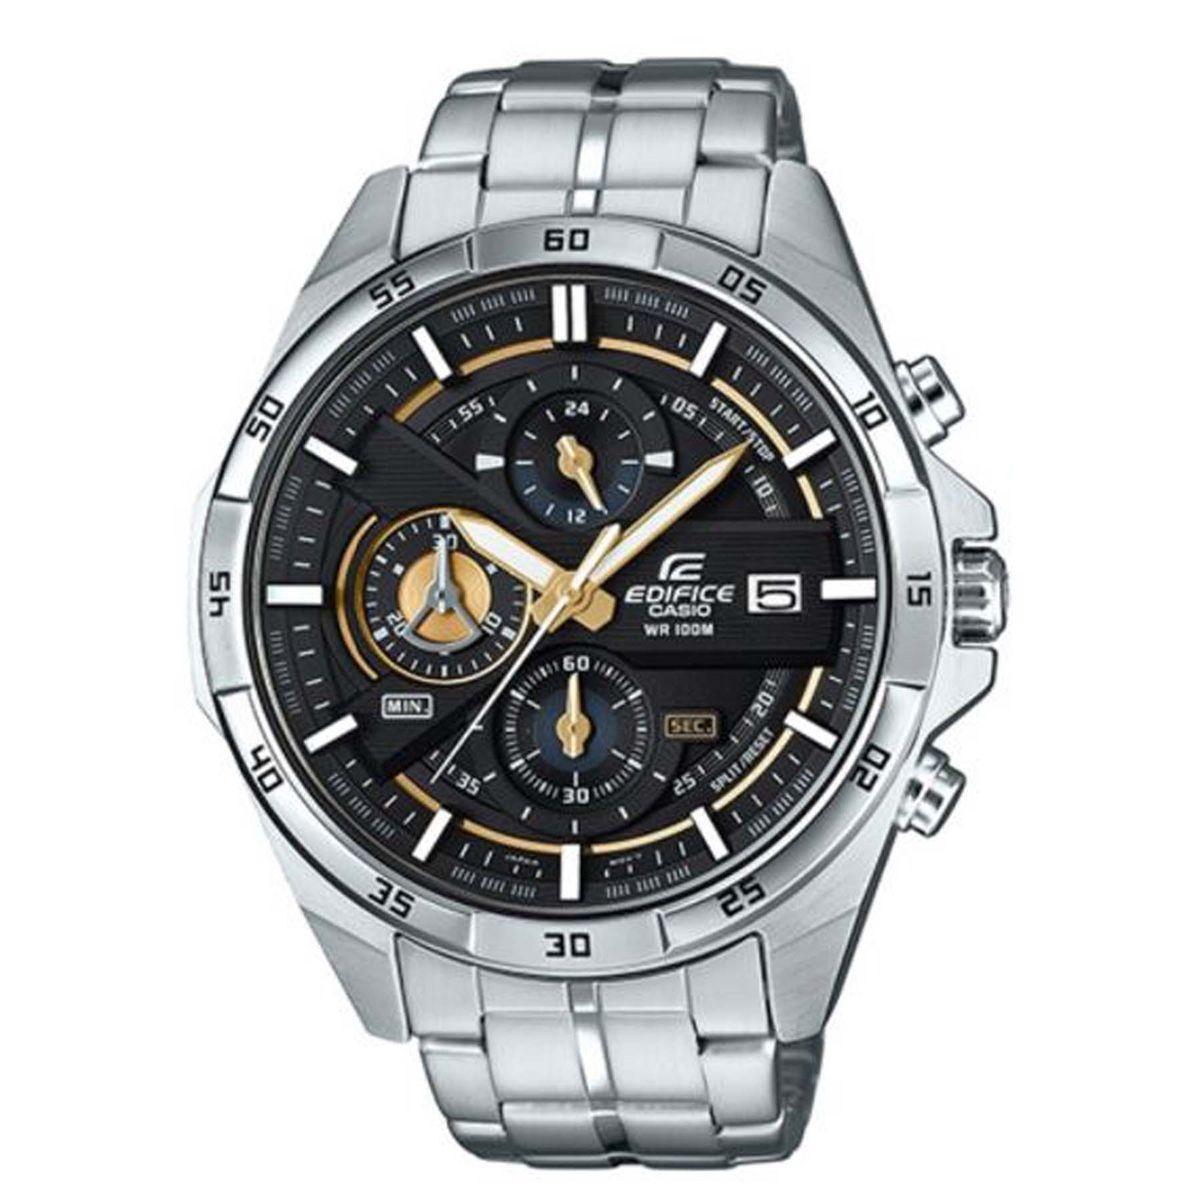 5baa6101254 Relógio Casio Edifice Cronógrafo Masculino Analógico EFR-556D-1AVUDF  Produto não disponível